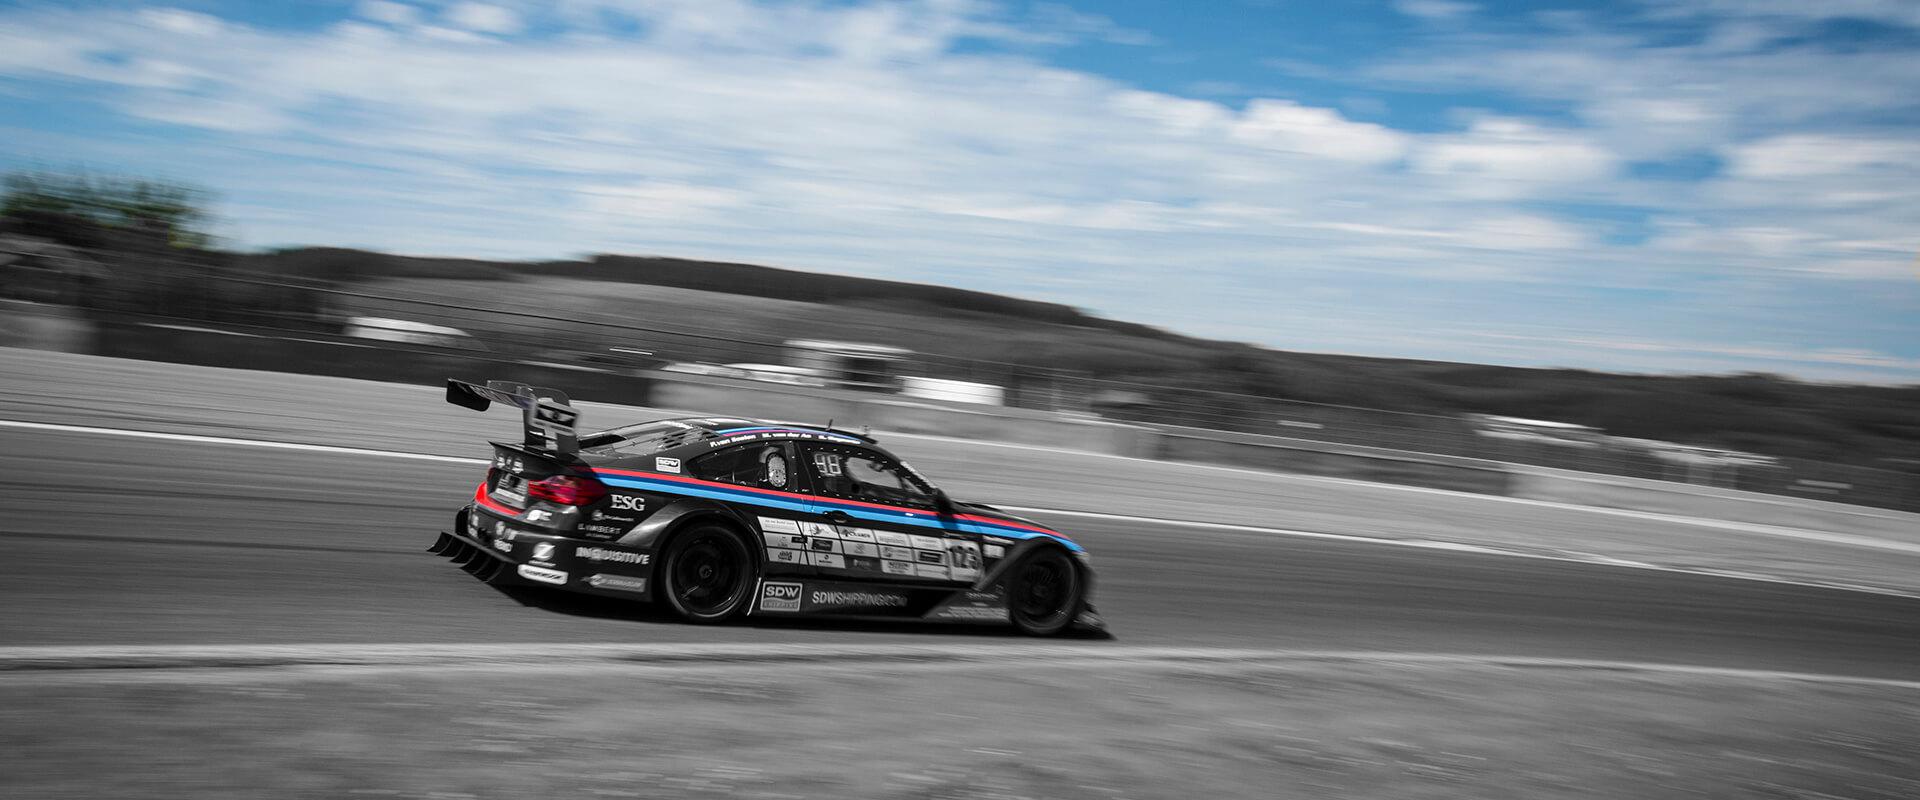 M4 on track